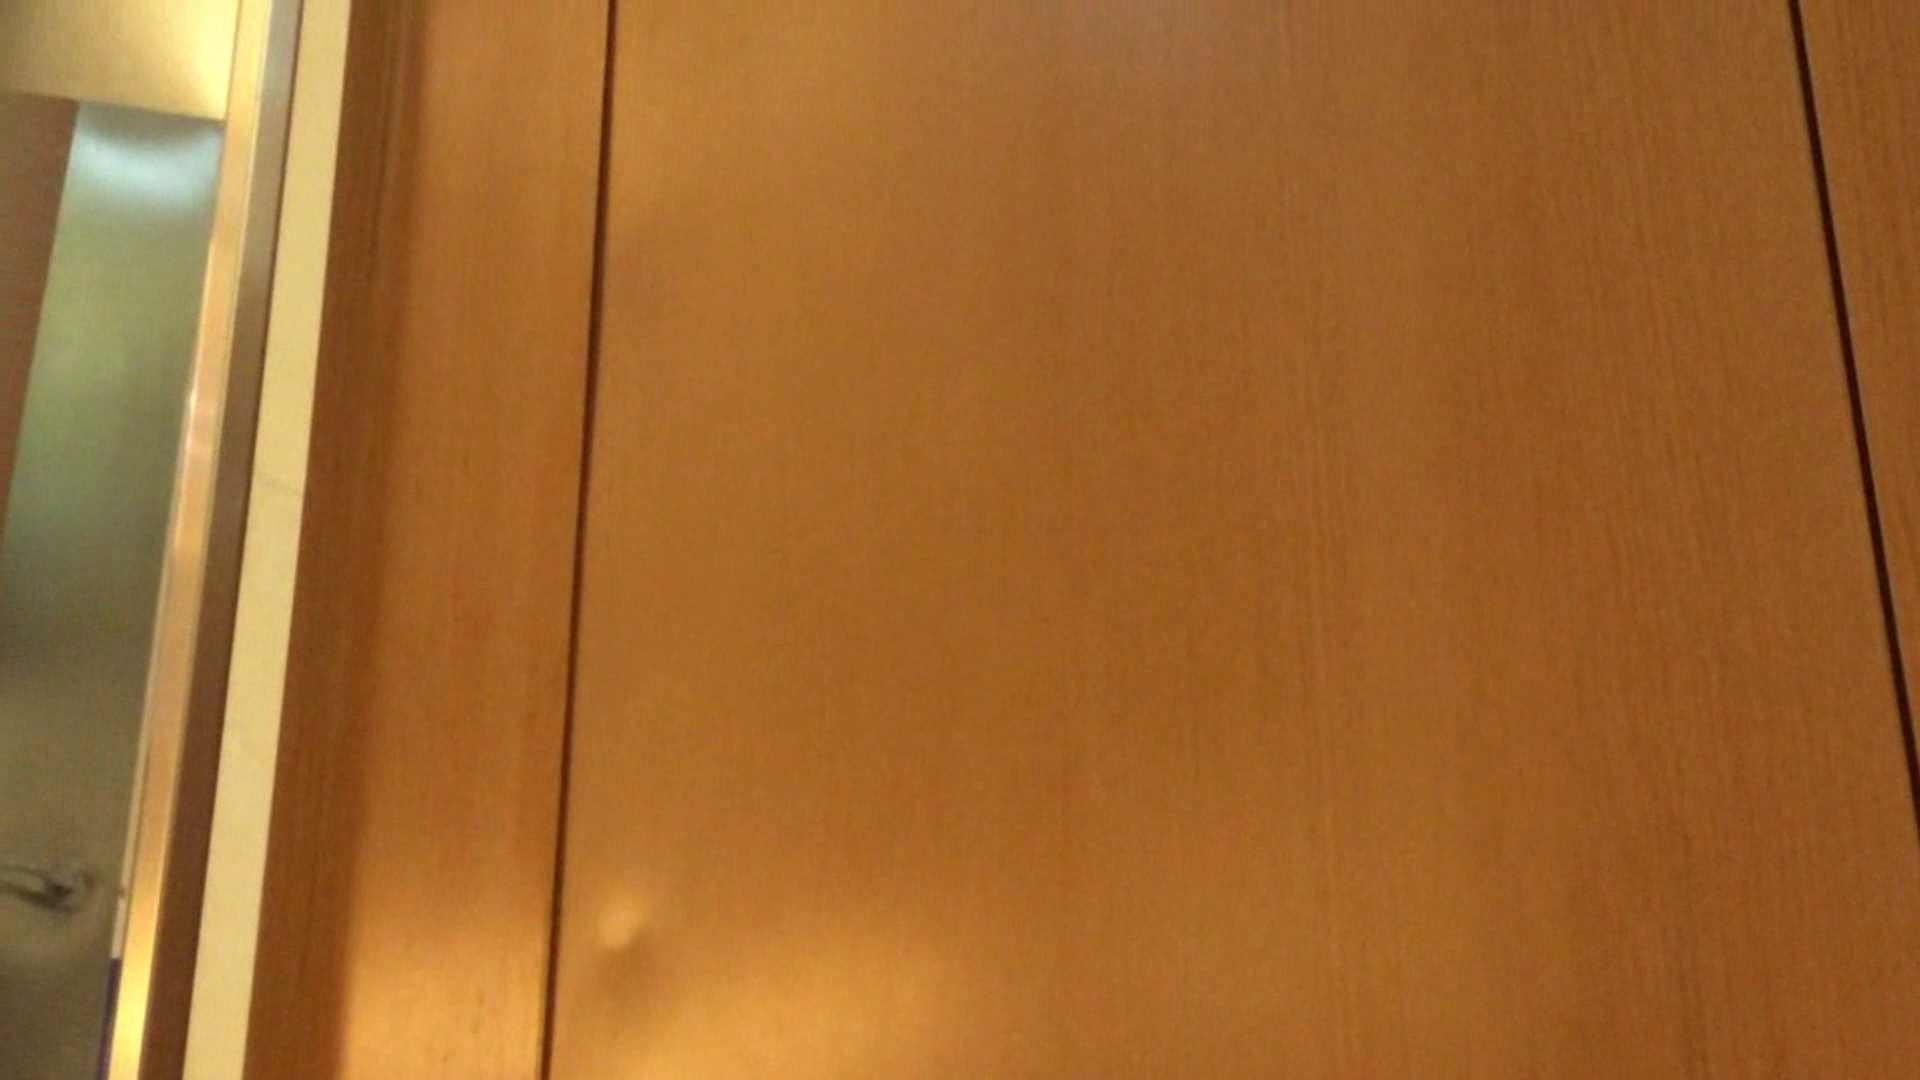 「噂」の国の厠観察日記2 Vol.05 人気シリーズ | OLのエロ生活  108連発 22